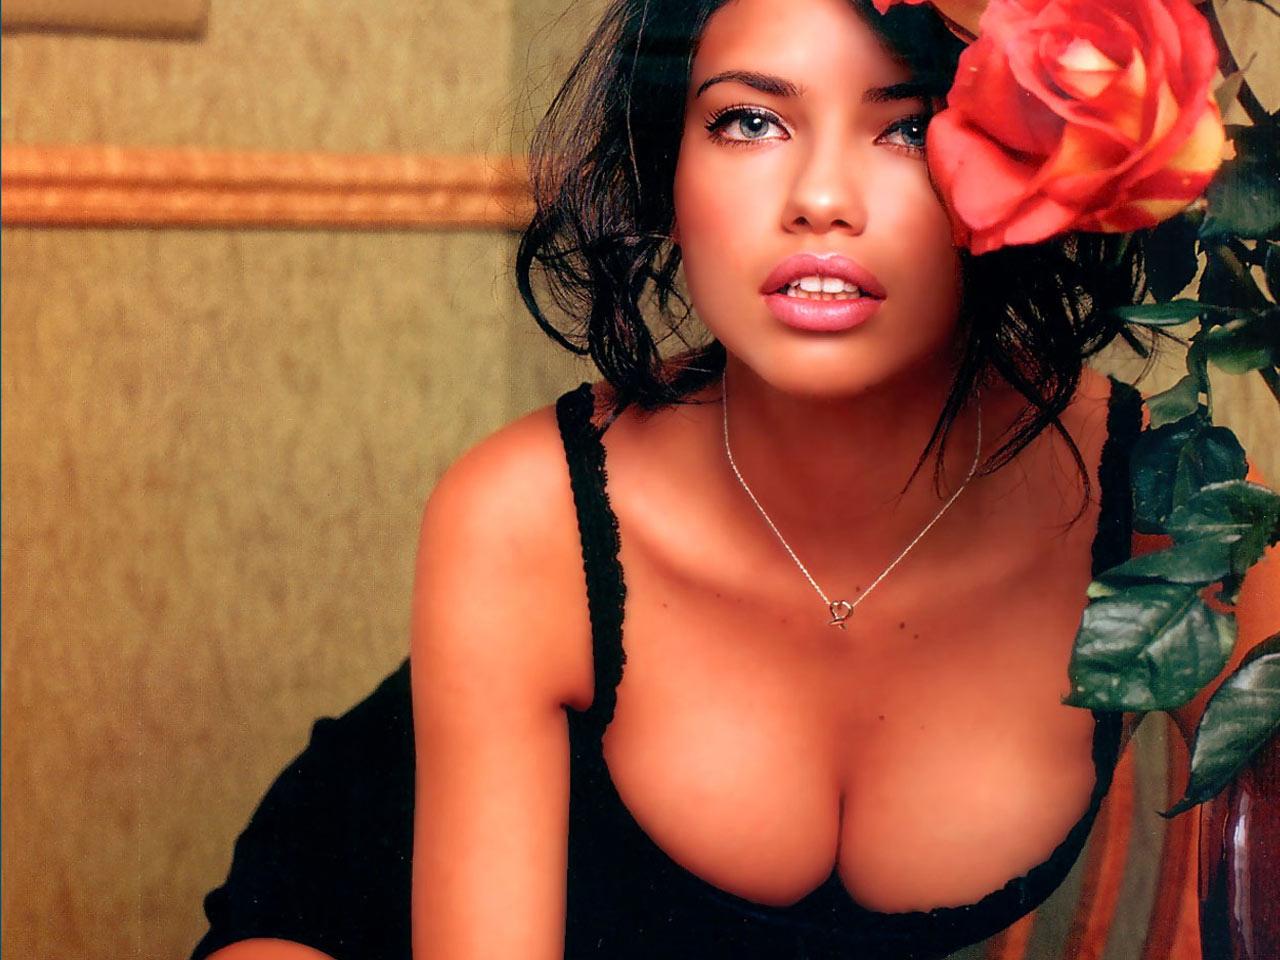 http://4.bp.blogspot.com/_GCAuqodmOE4/TOMY9rmZbkI/AAAAAAAAE2U/eIFUlZ4kTIc/s1600/Adriana+Lima+%25281%2529.jpg